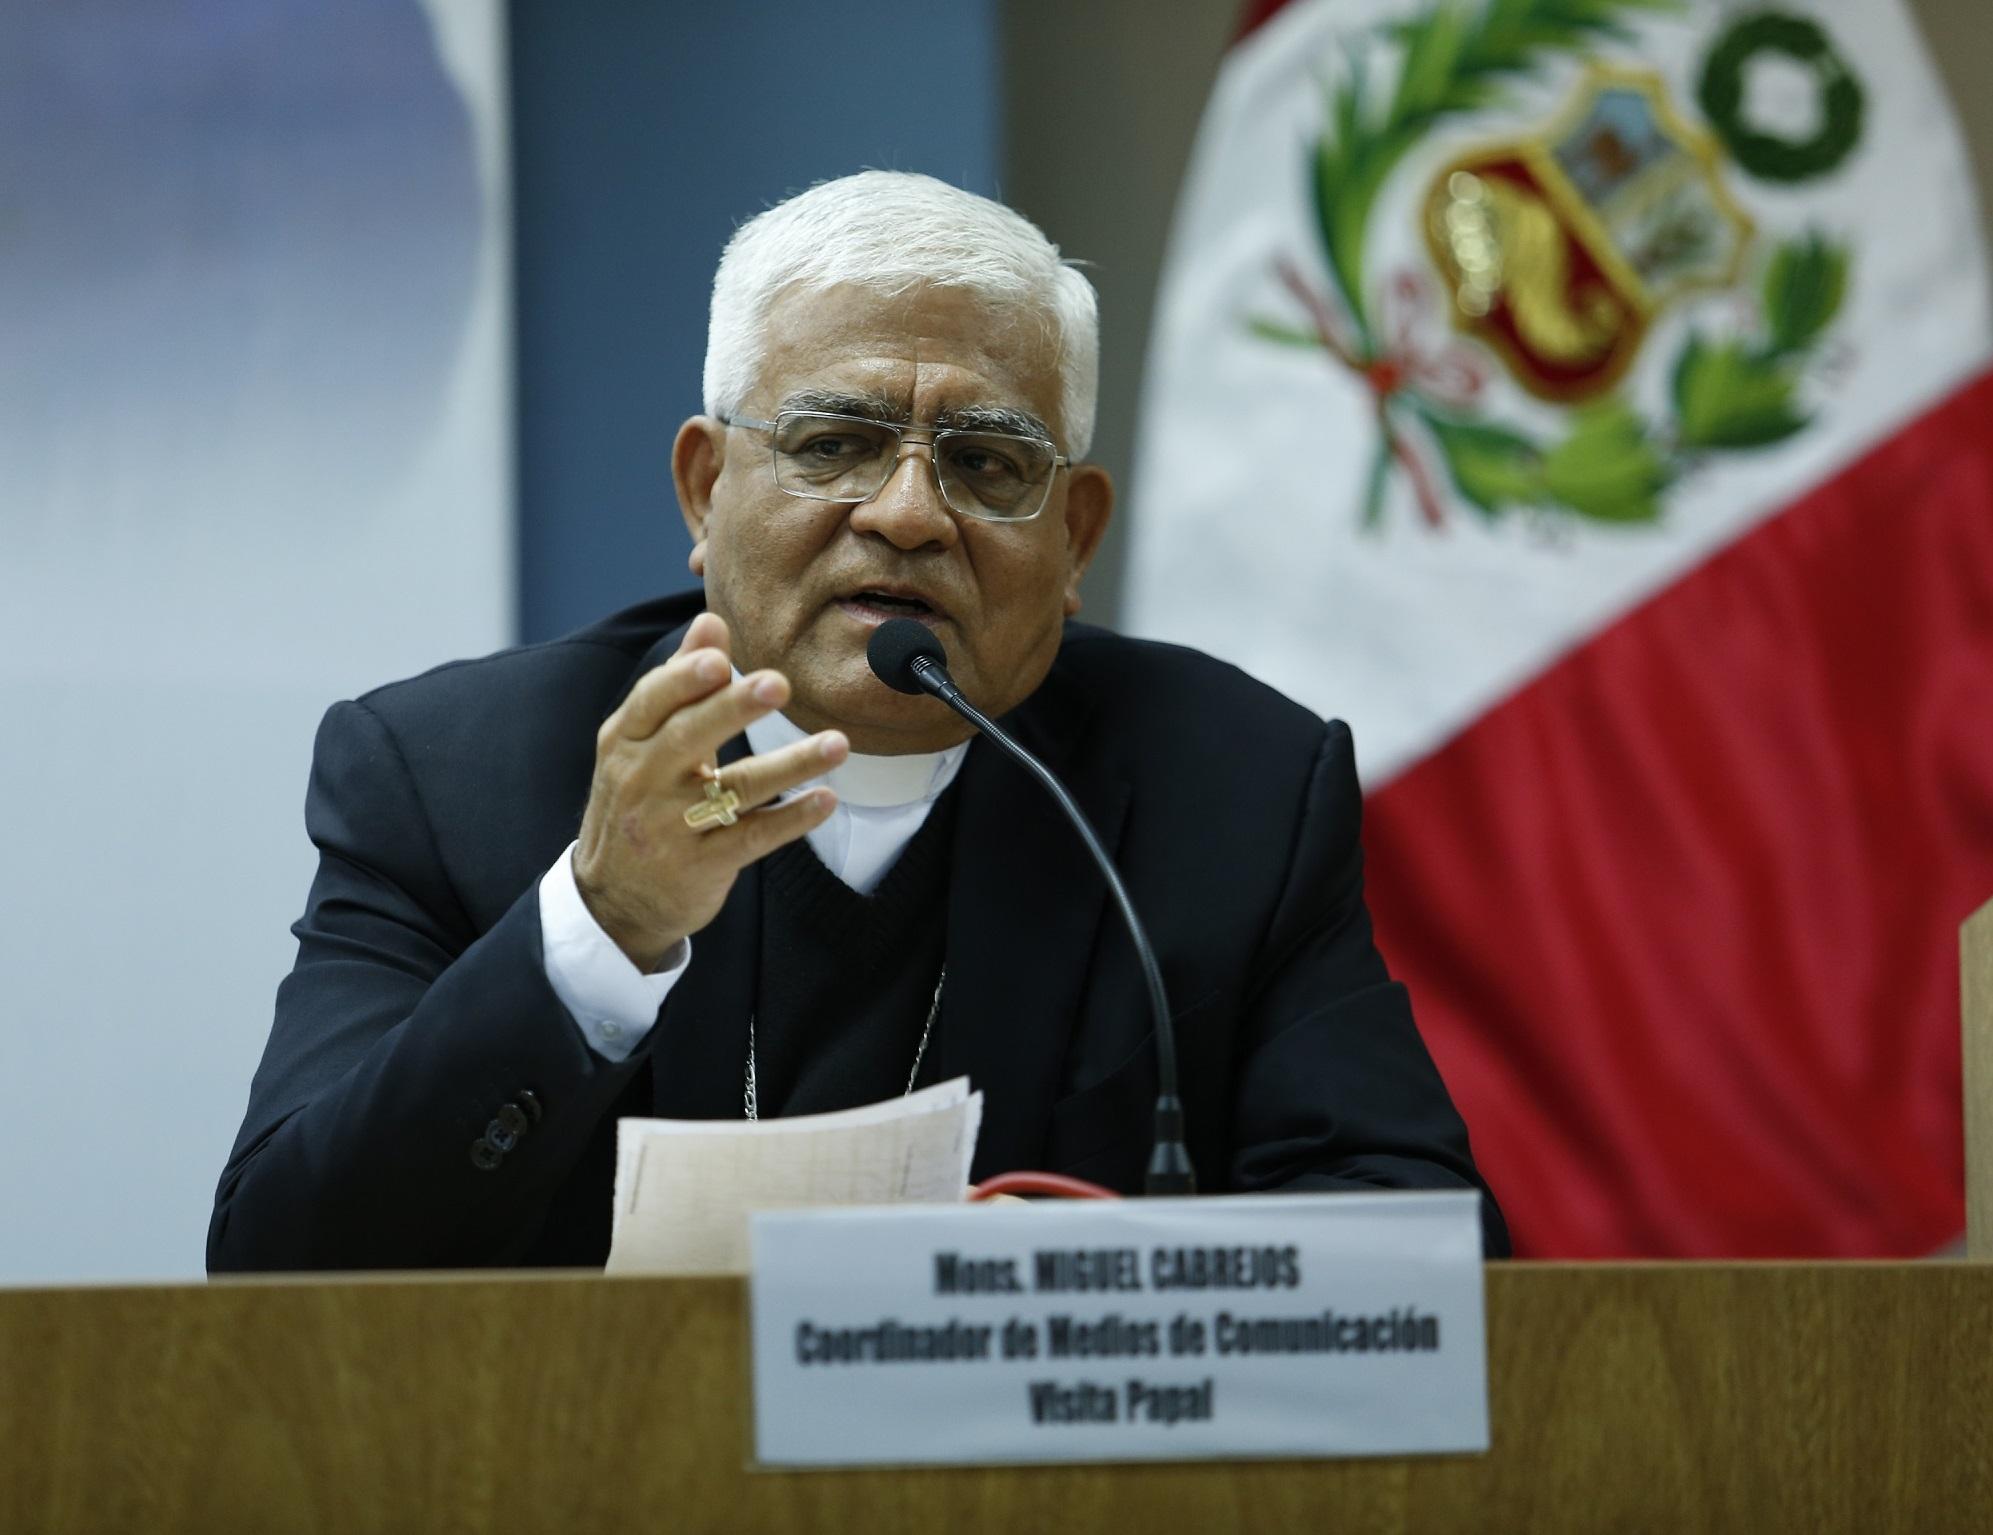 Monseñor  Miguel Cabrejos Vidarte, es elegido nuevo Presidente de la Conferencia Episcopal Peruana (CEP)- Periodo 2018-2020